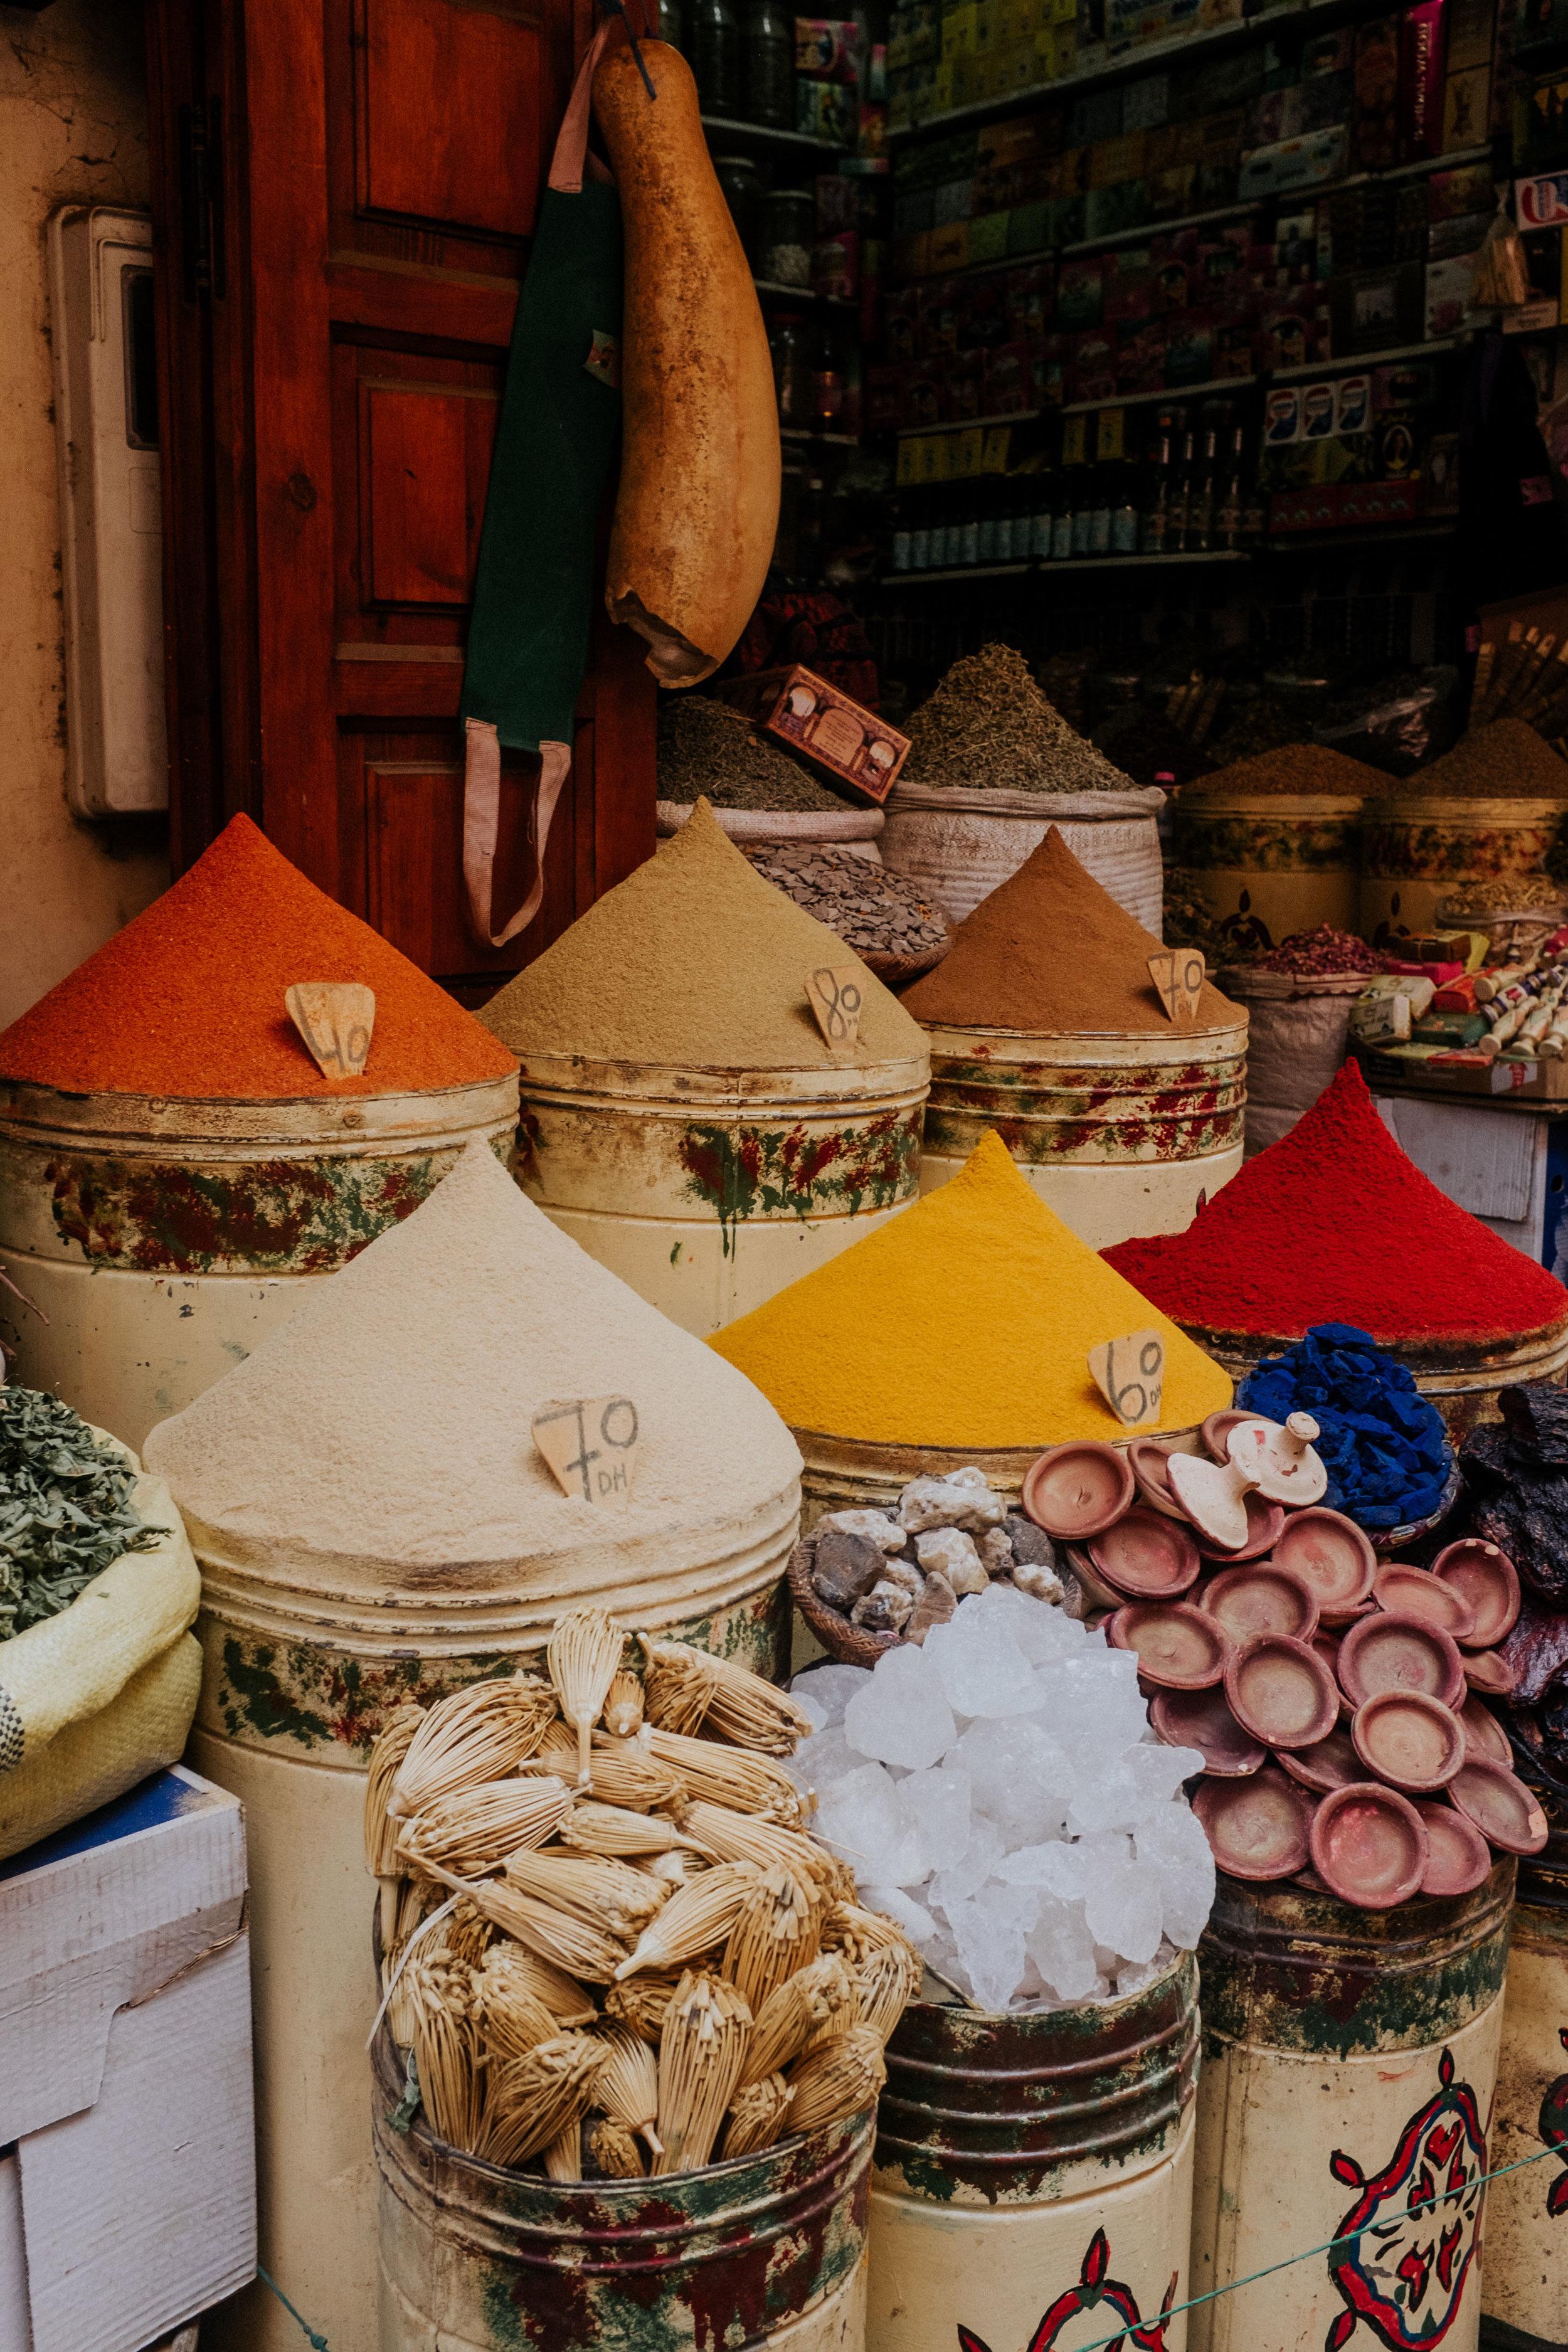 Morocco_2018_02_13_161001-01500_CMB.jpg